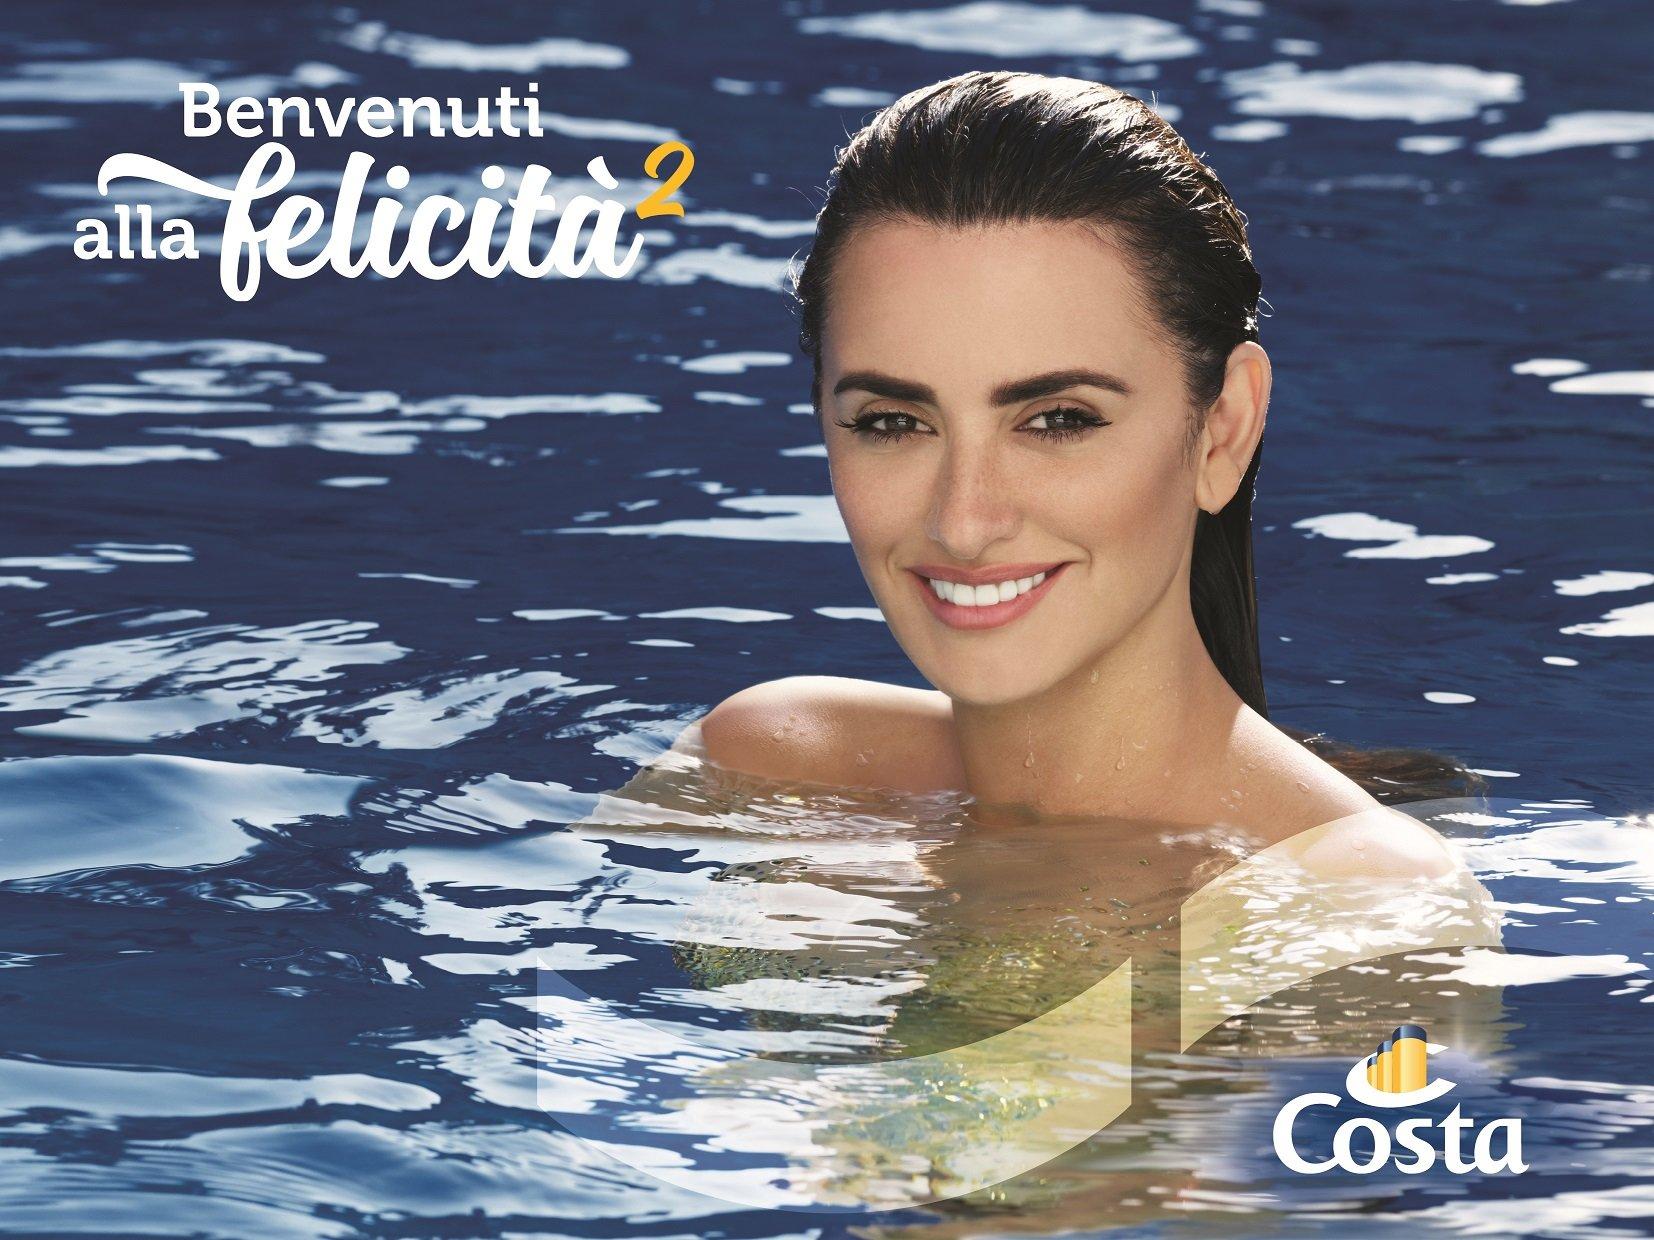 Costa Crociere debutta sulle reti Mediaset con la nuova ...